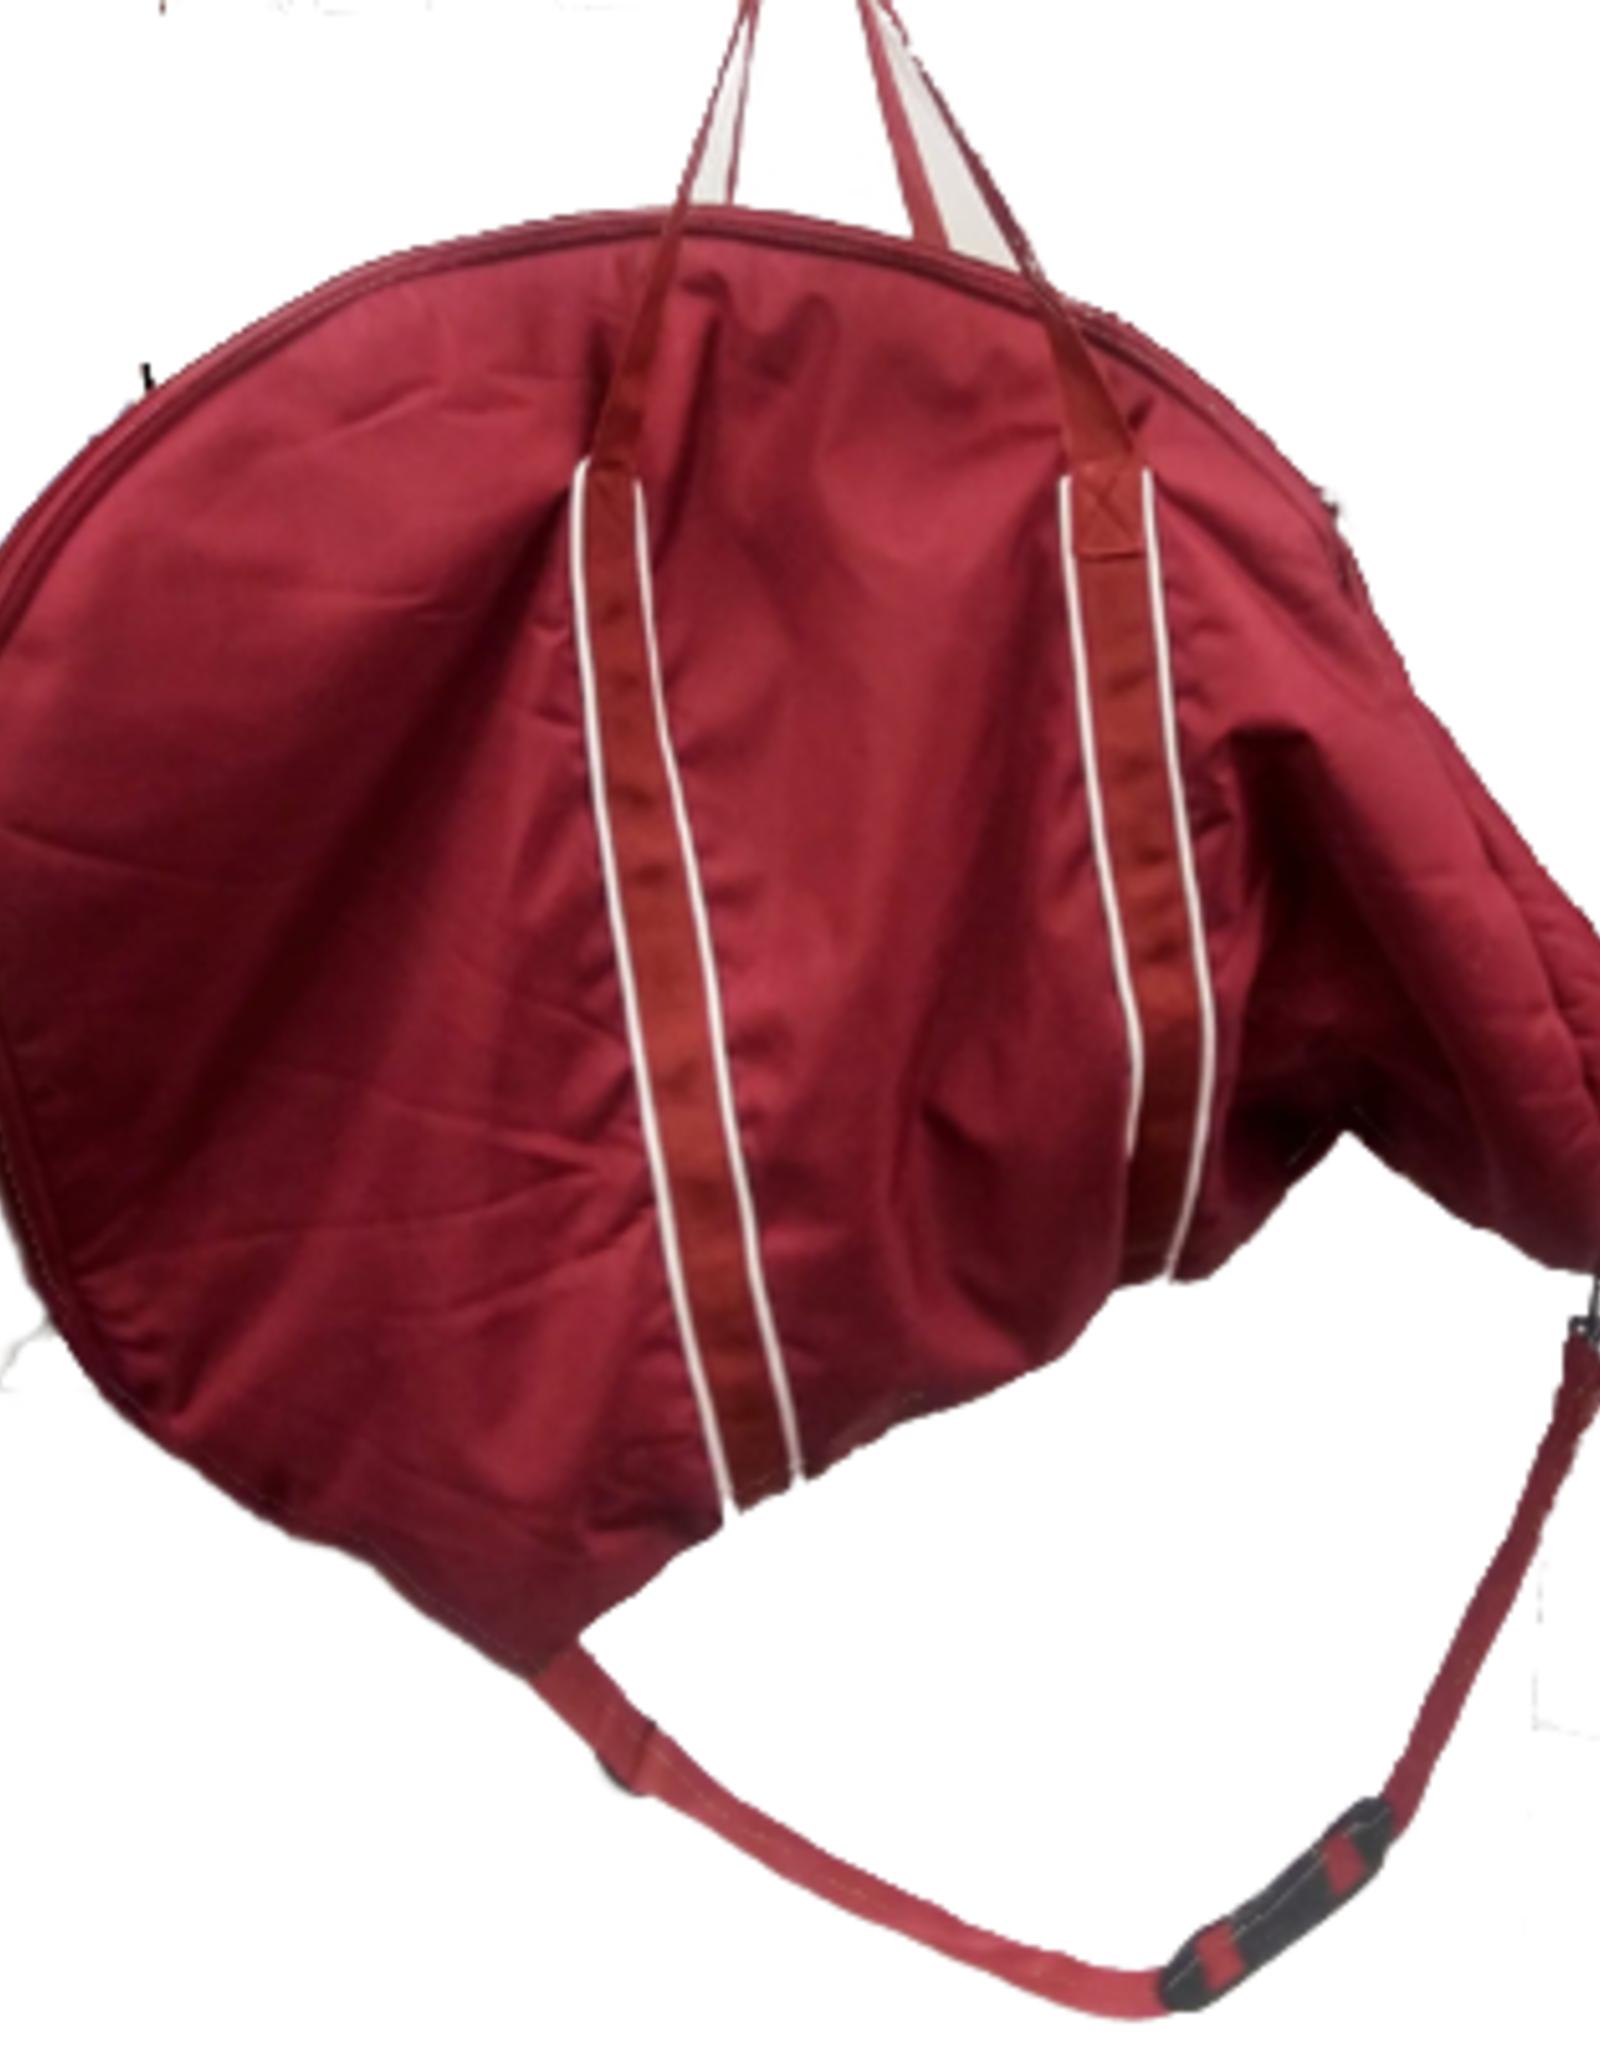 Chestnut Bay Saddle Bag